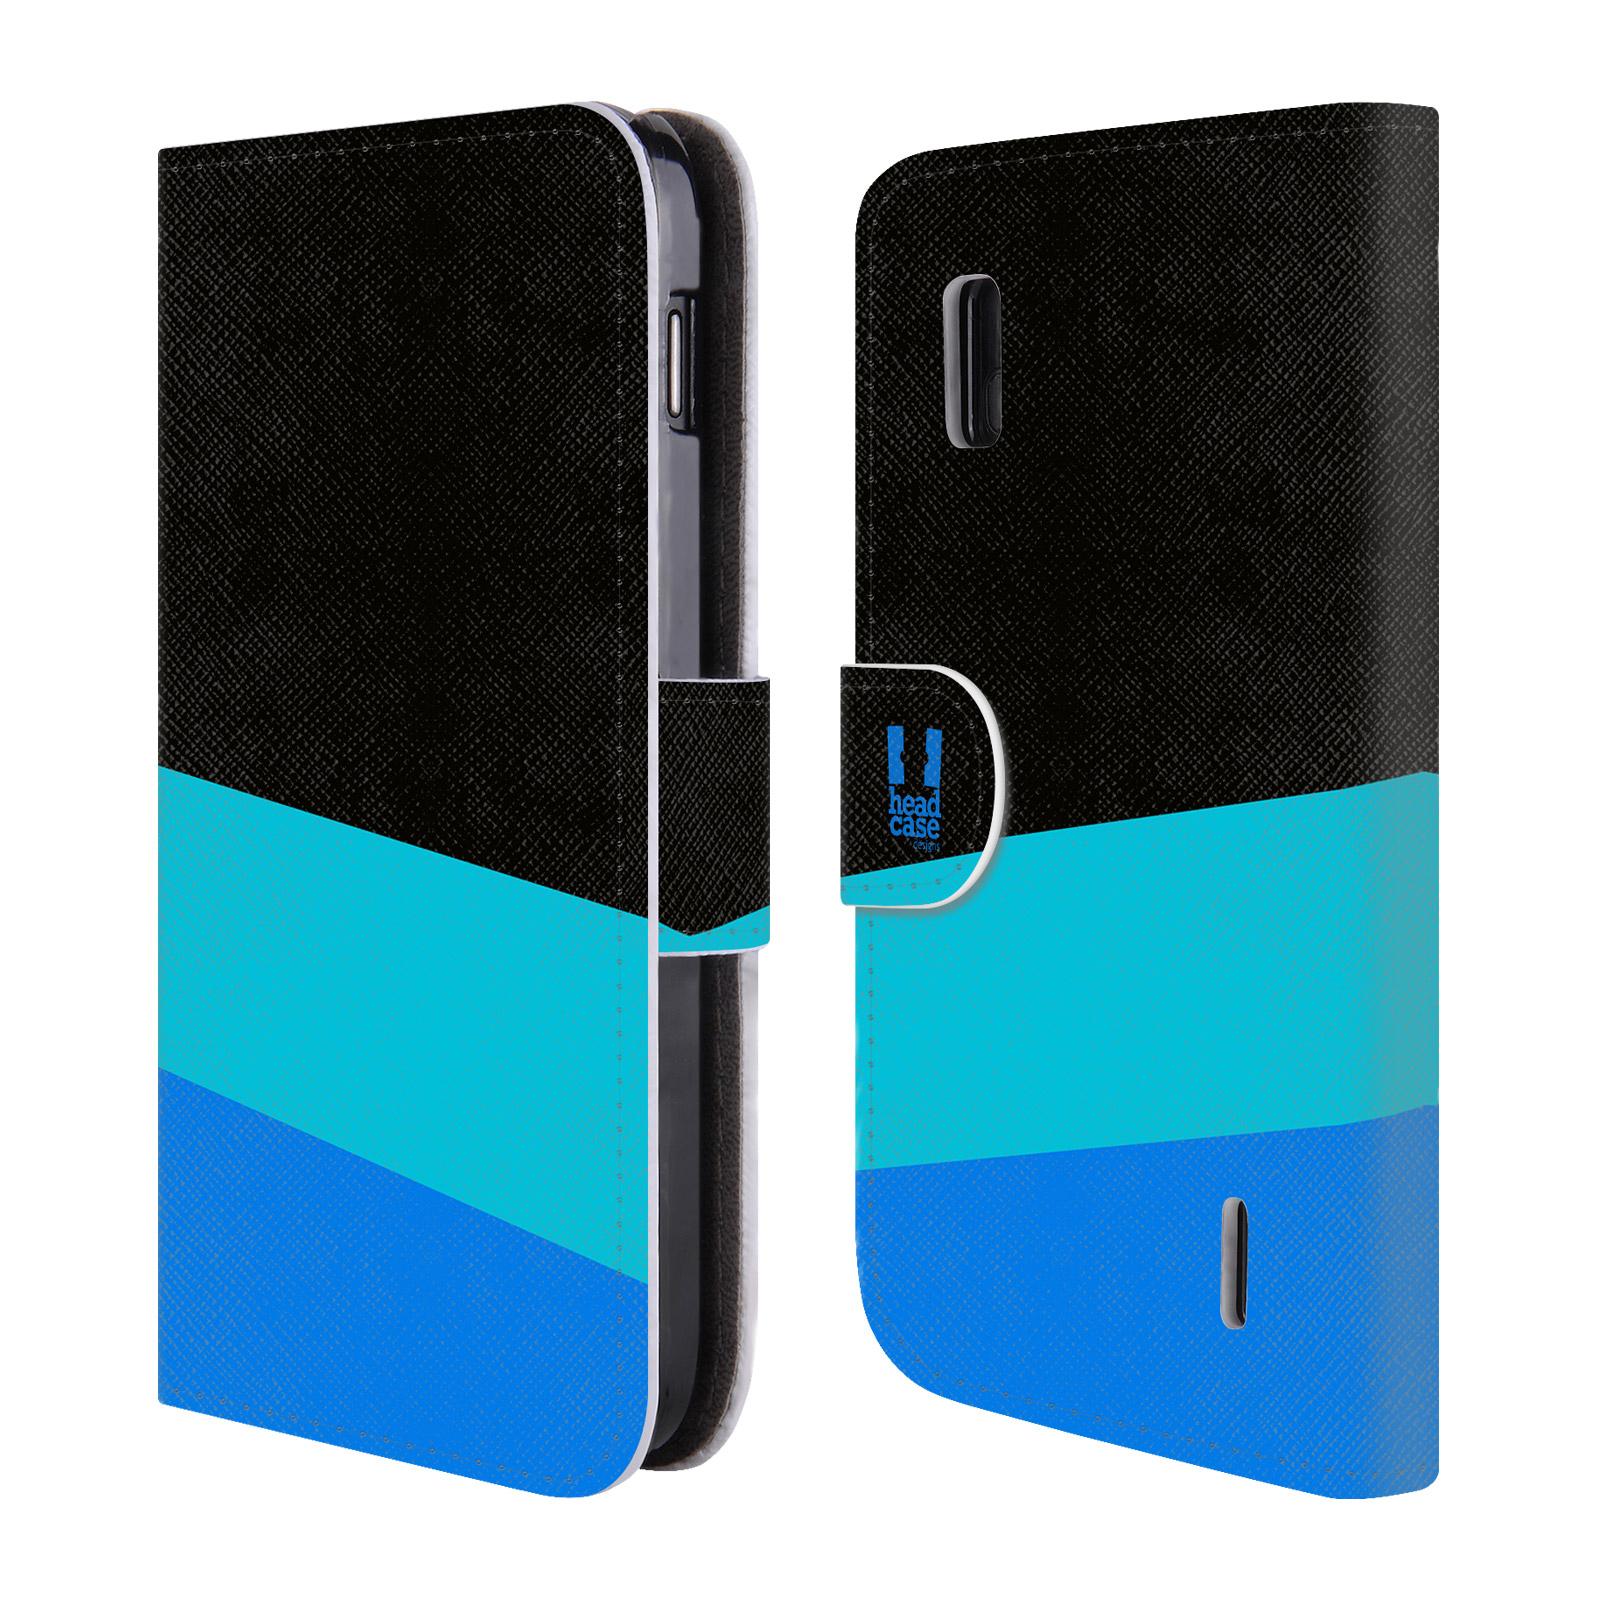 HEAD CASE Flipové pouzdro pro mobil LG NEXUS 4 barevné tvary modrá a černá FORMAL